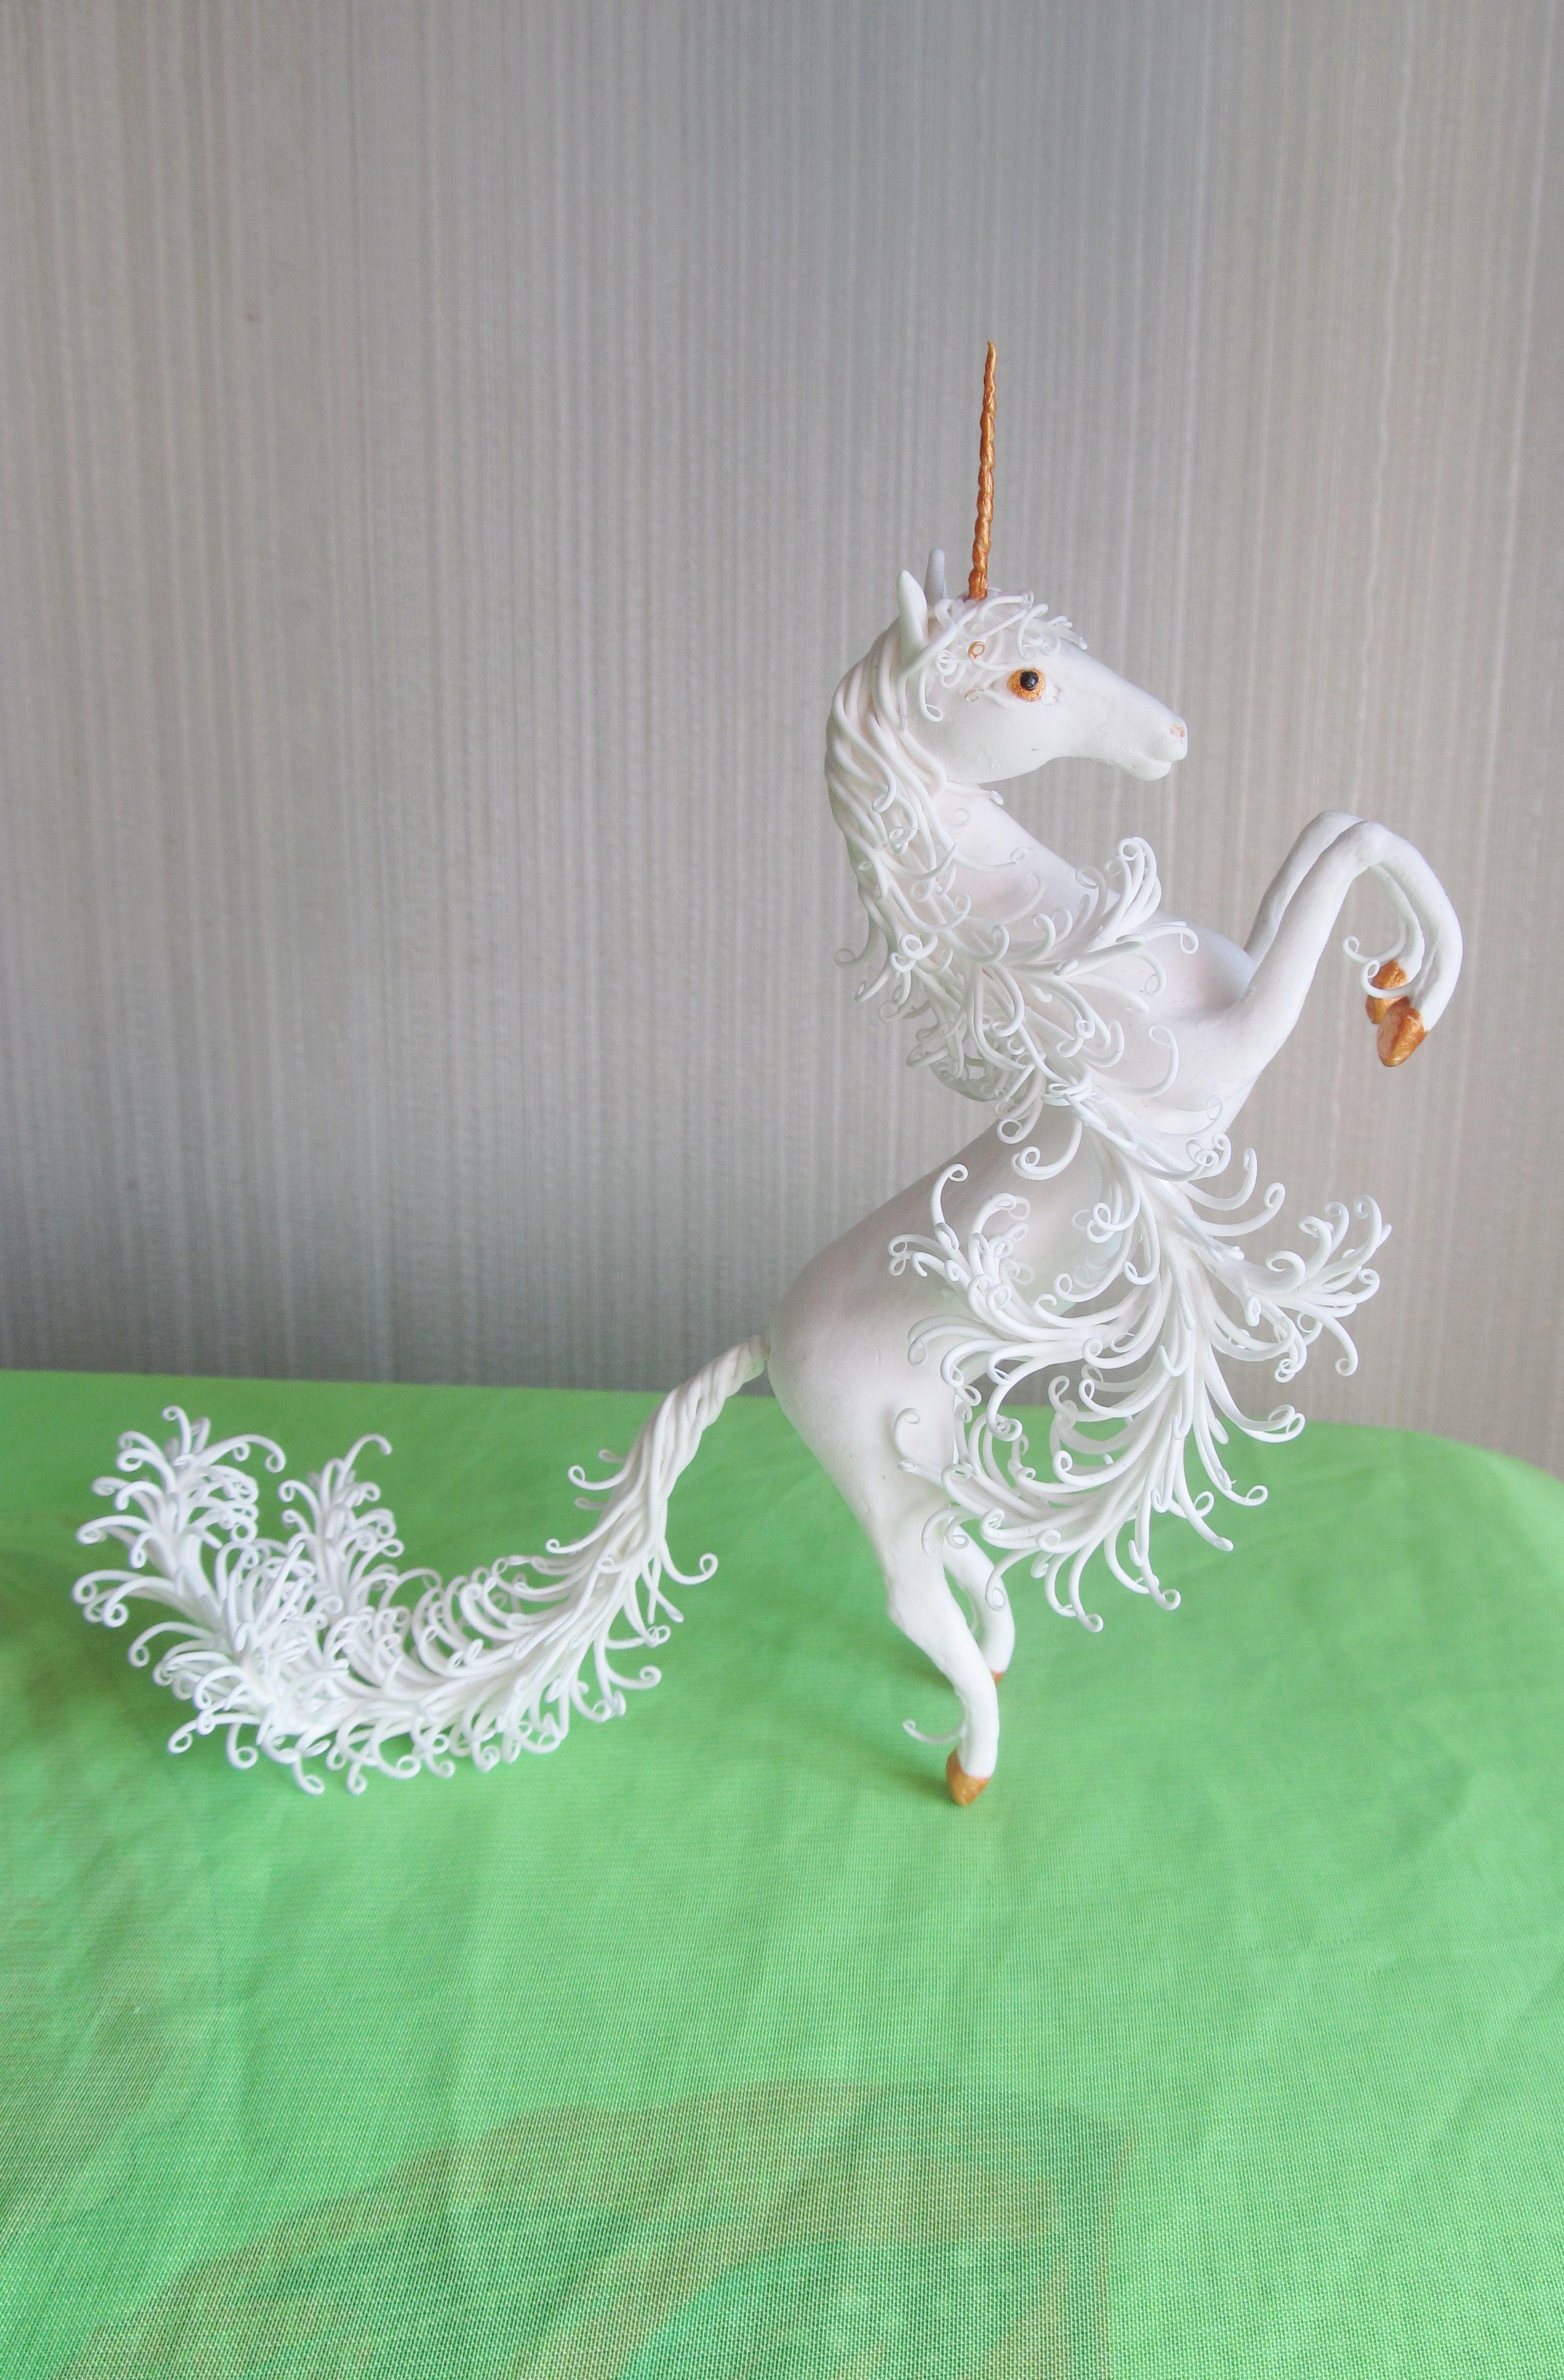 статуэтка конь фигурка единорог лошадь купить белый хендмейд белая подарок